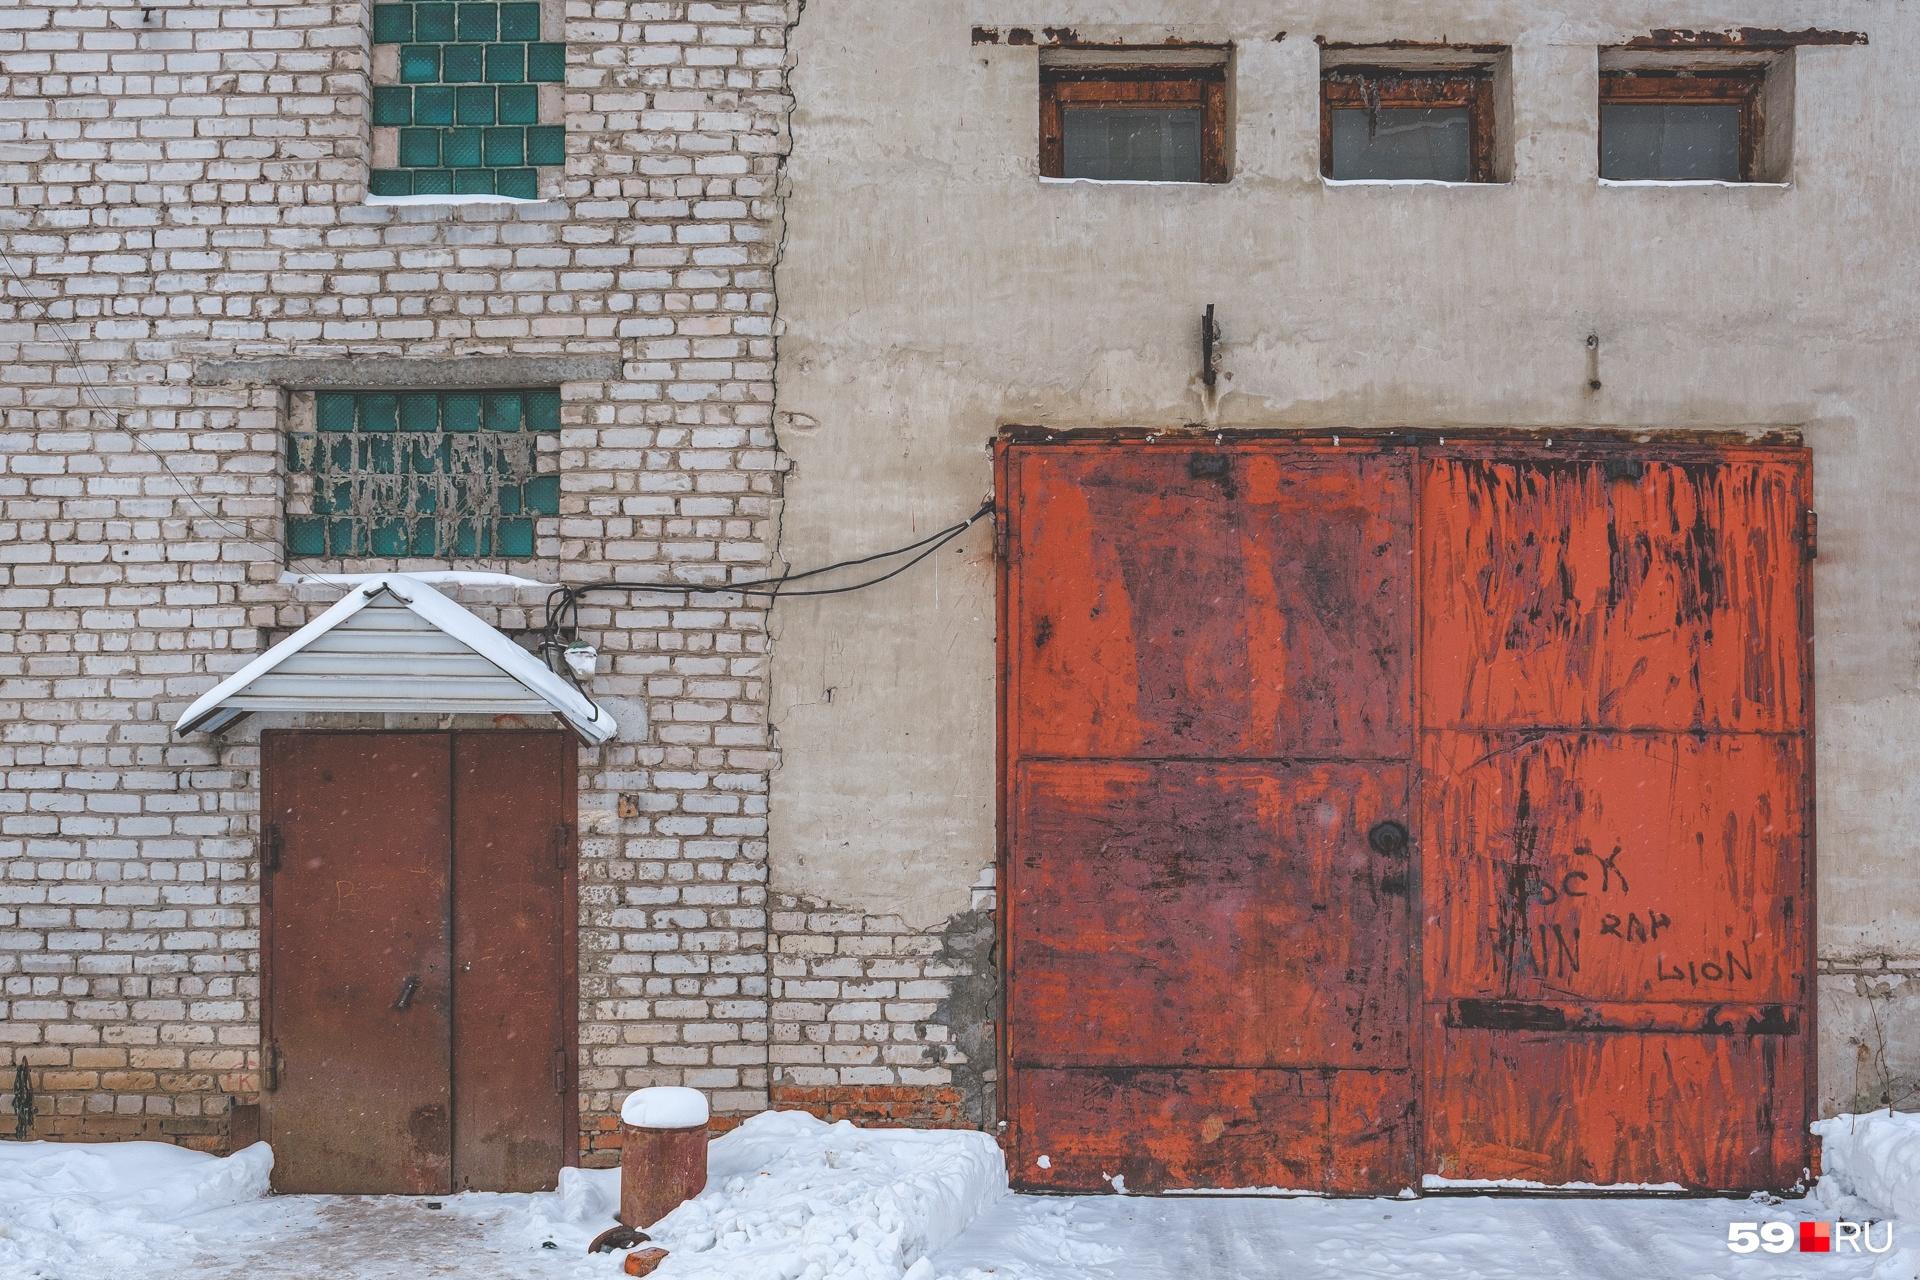 Вход в клуб будет организован в одну из этих дверей. Окна уже закрыли звукоизоляцией